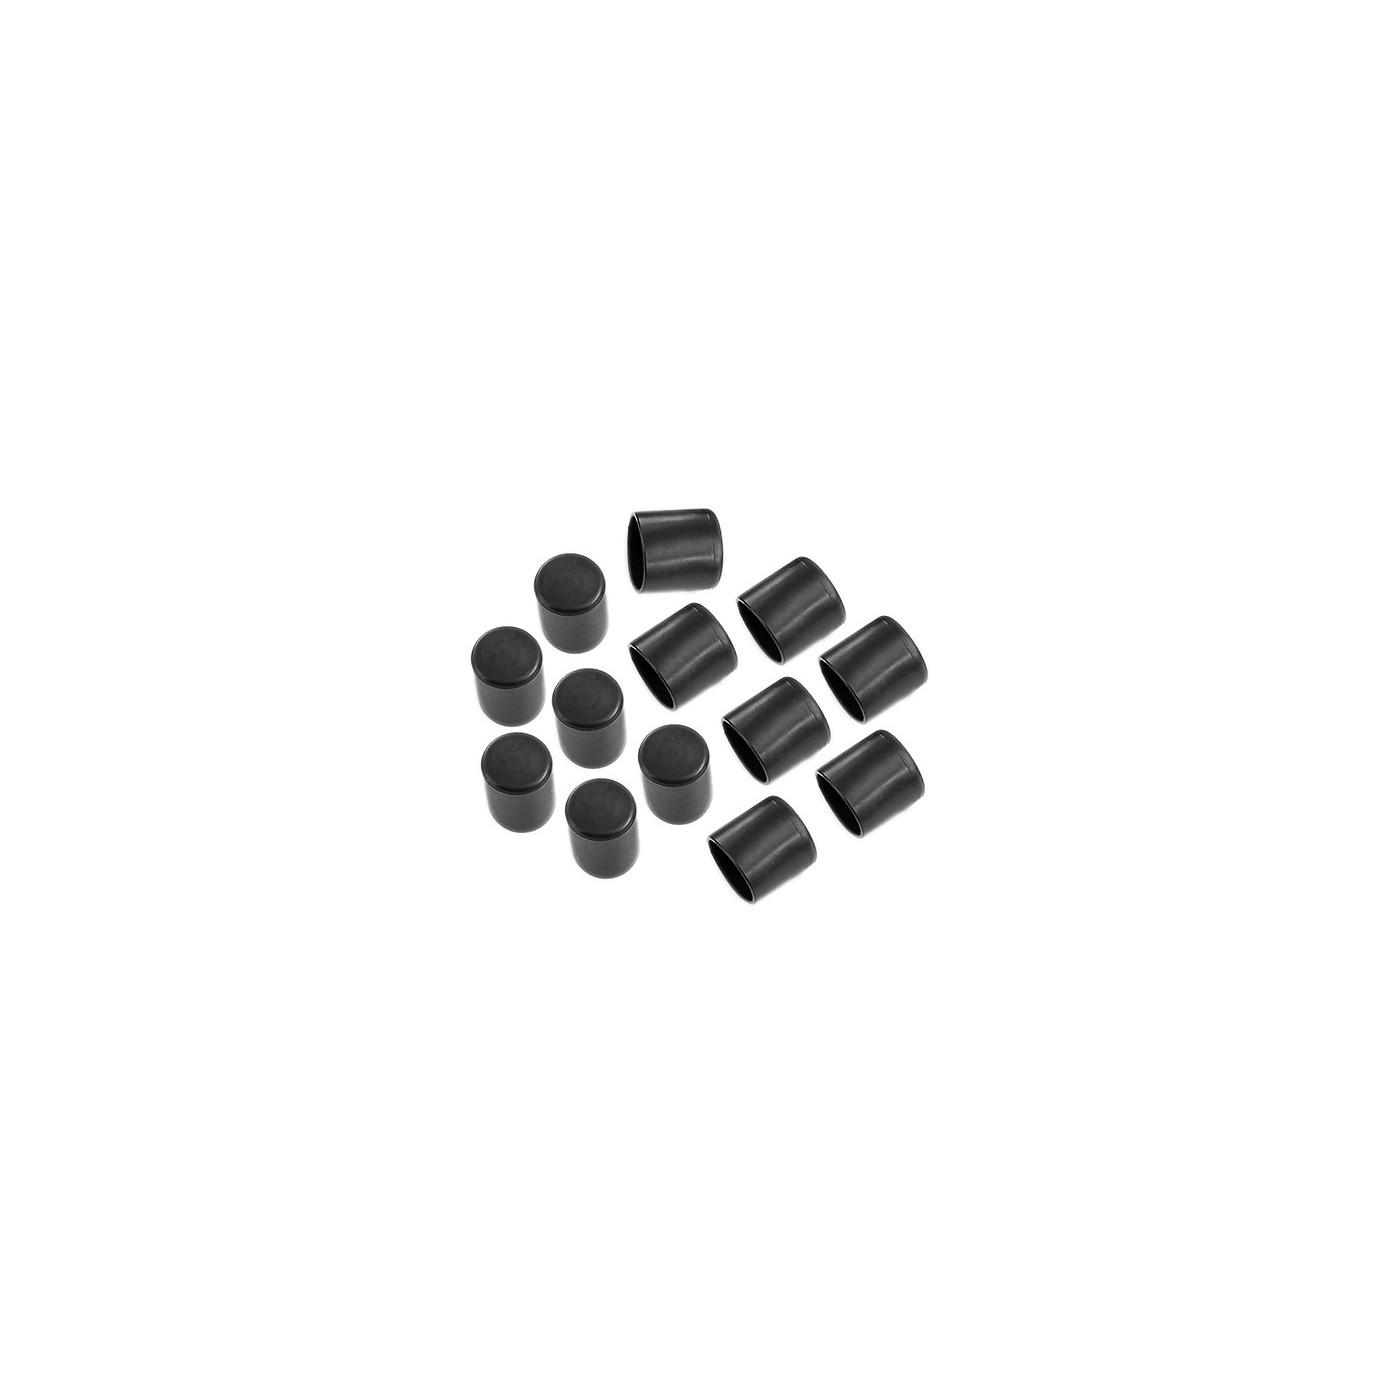 Set van 32 flexibele stoelpootdoppen (omdop, rond, 20 mm, zwart) [O-RO-20-B]  - 1